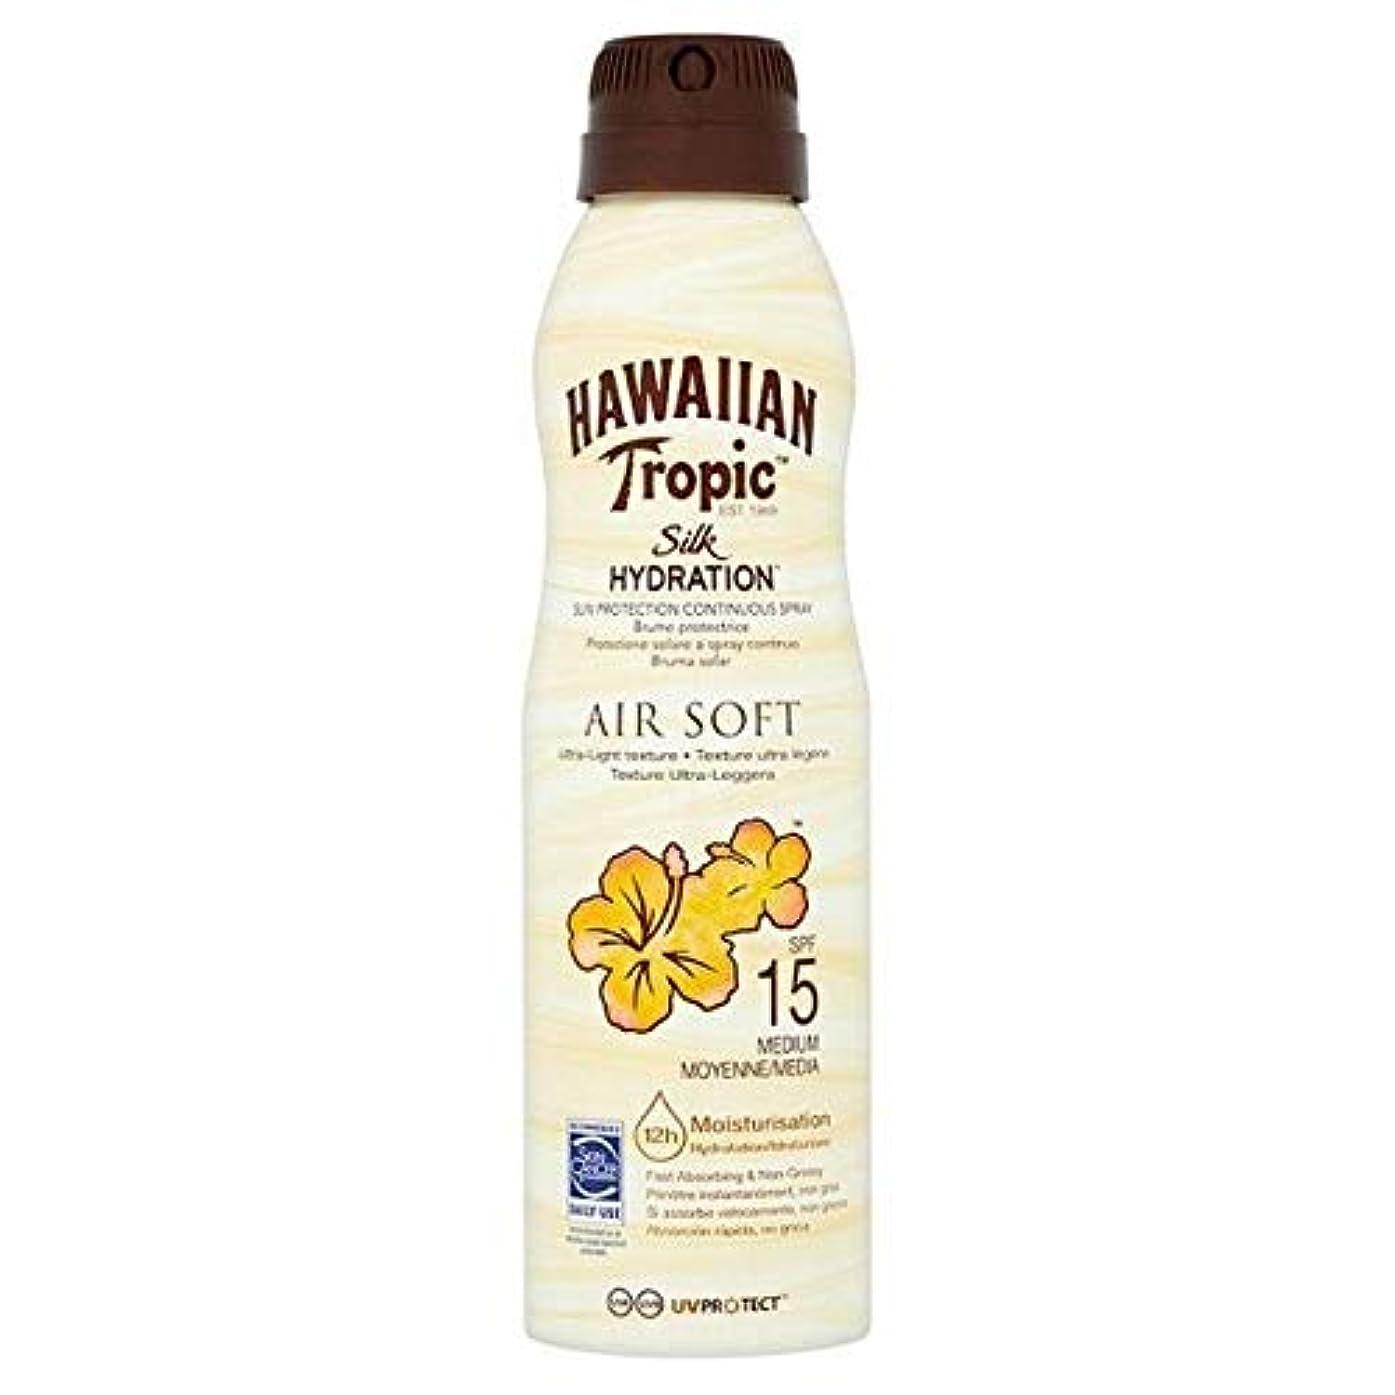 フック閉じ込める接尾辞[Hawaiian Tropic ] H /向性絹水和エアガン連続スプレーSpf15の177ミリリットル - H/Tropic Silk Hydration Airsoft Continuous Spray SPF15...